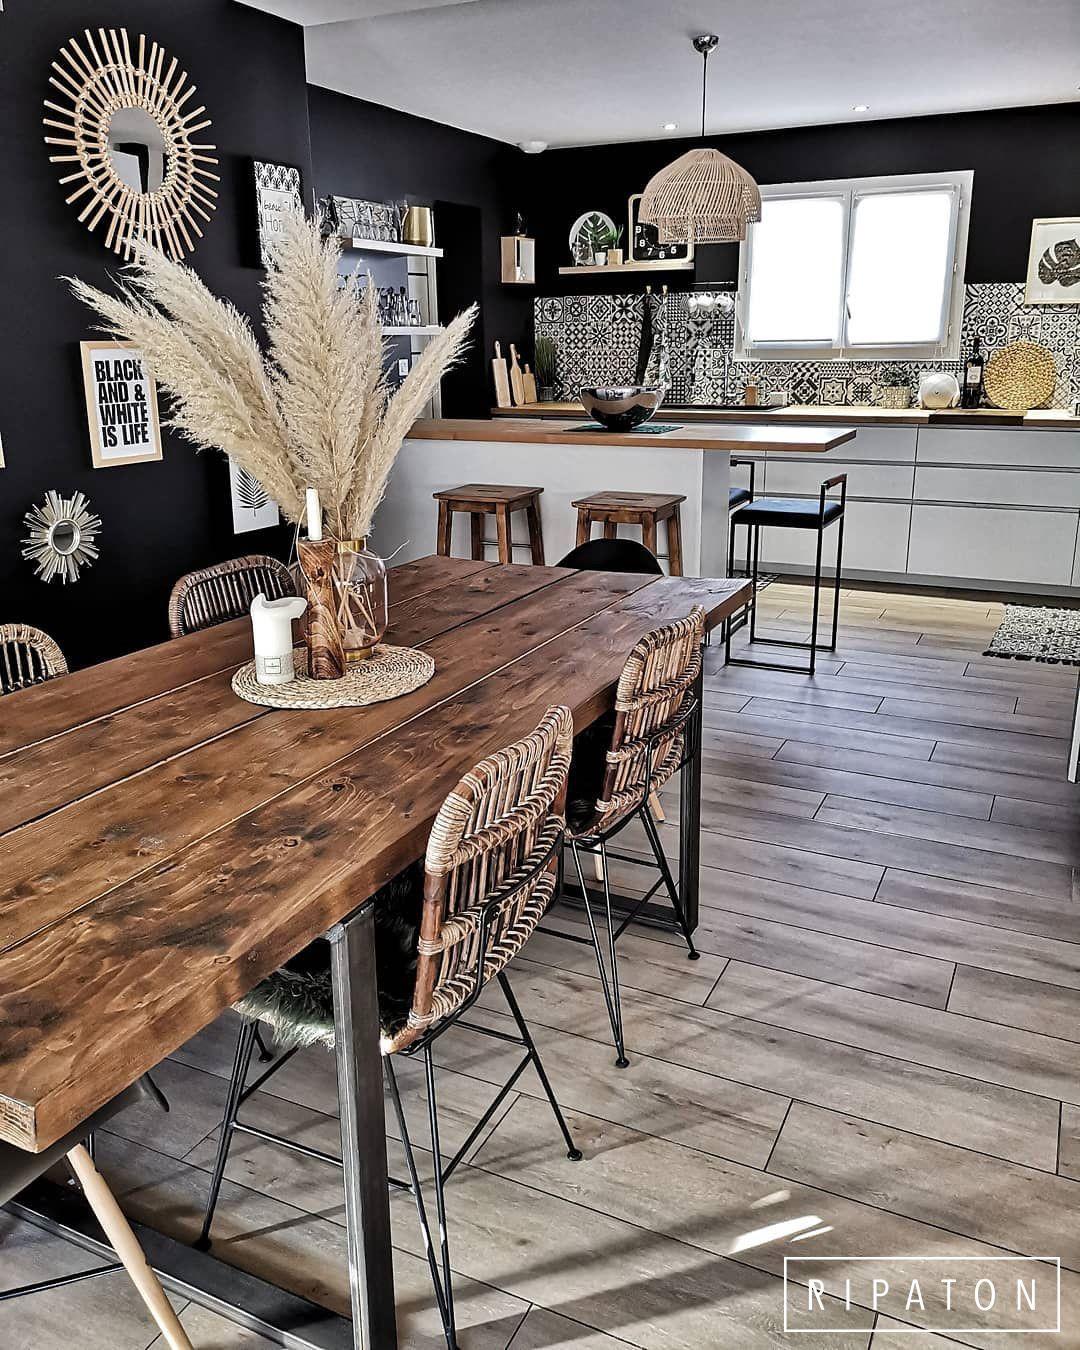 Atelier Ripaton - Pieds de table design en acier et hairpin legs - RIPATON